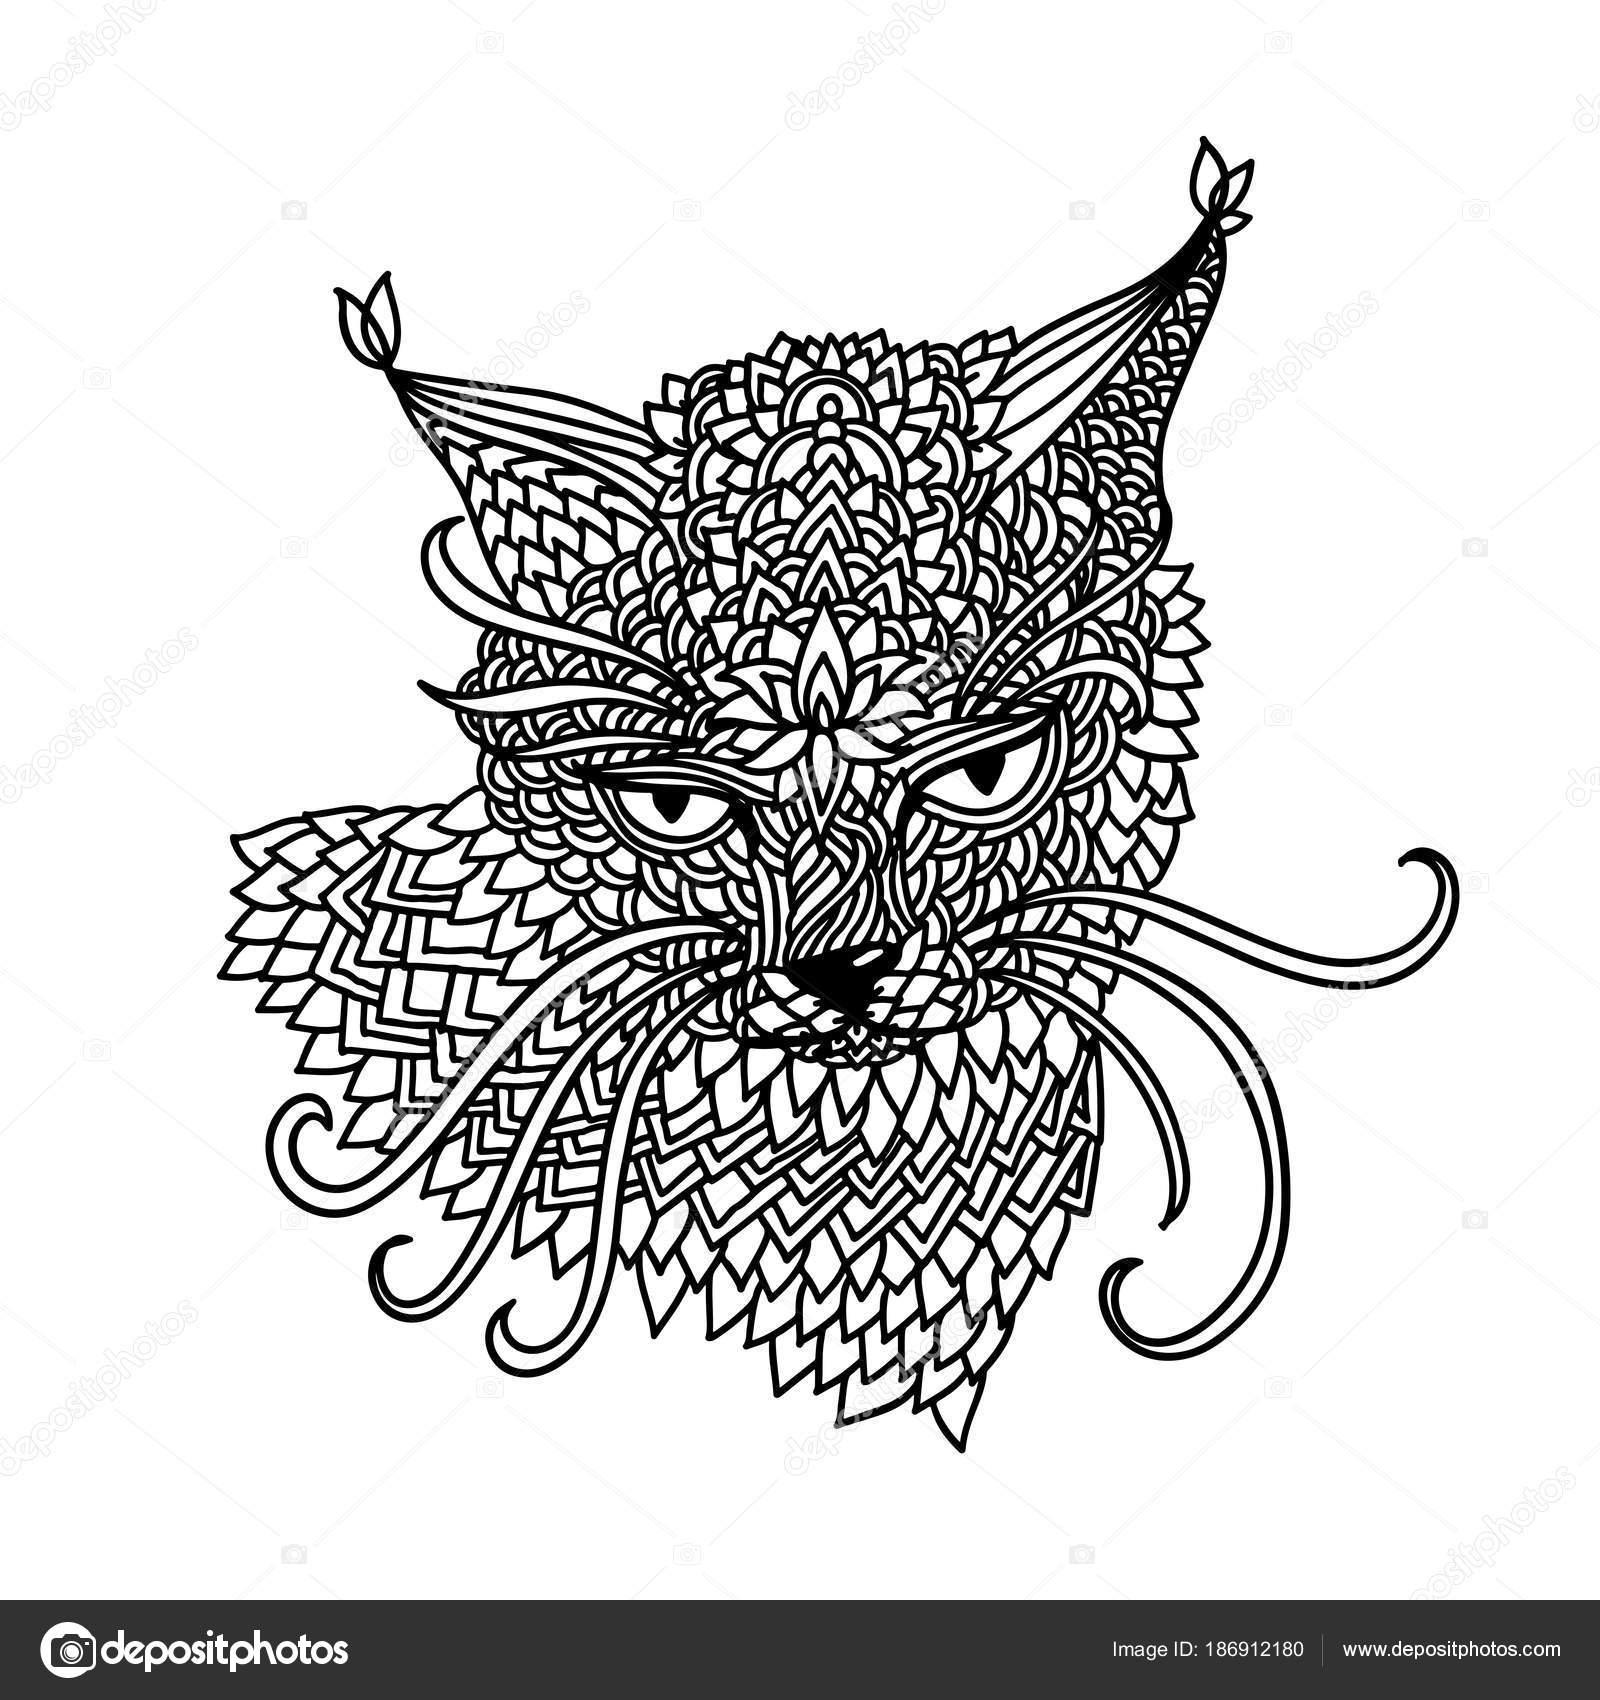 Katze im Mandala-Muster-Stil. Zentagle schwarzen und weißen ...